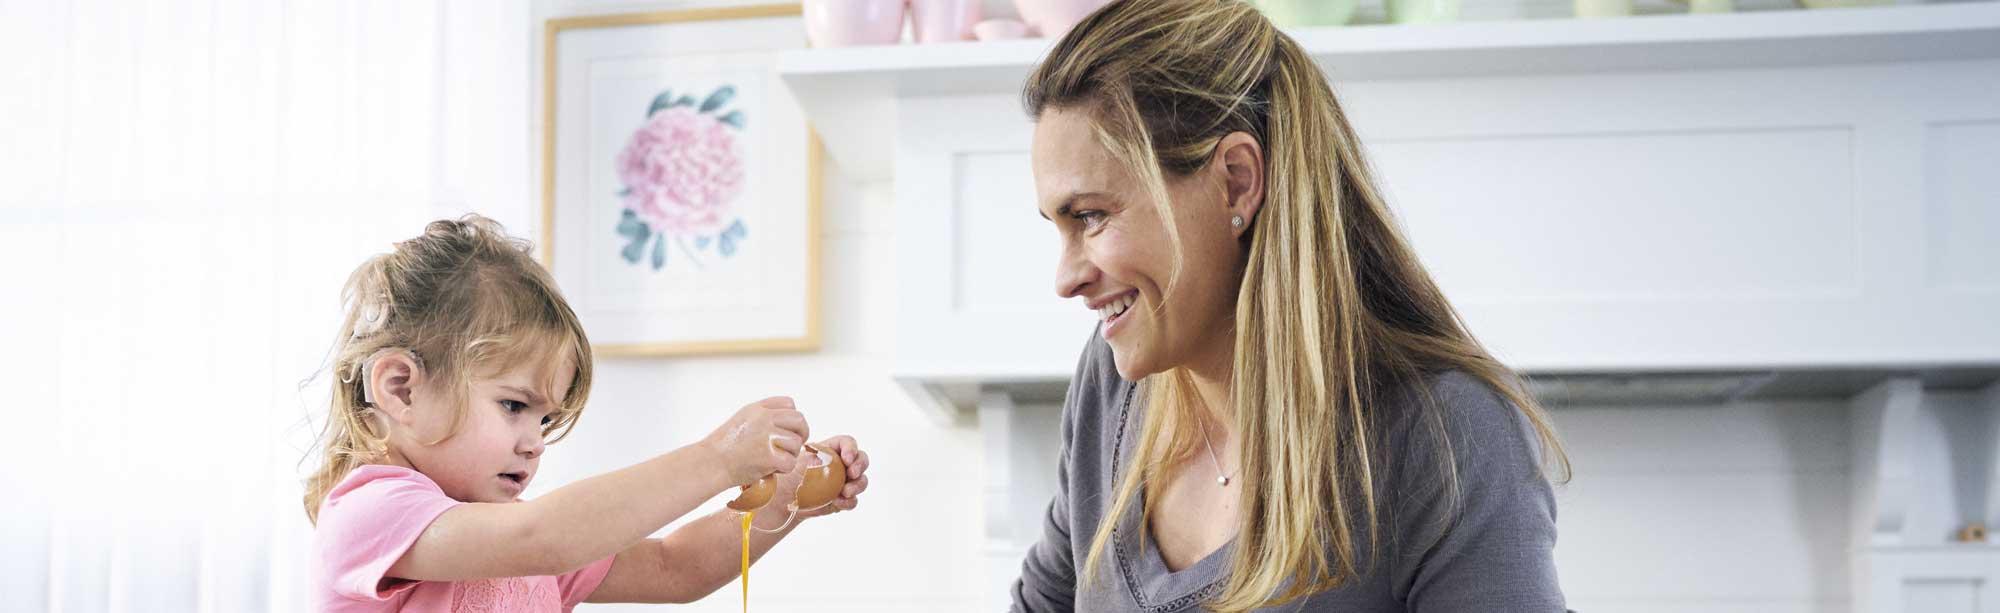 Niña con audífono GAES rompe un huevo mientras su madre la mira